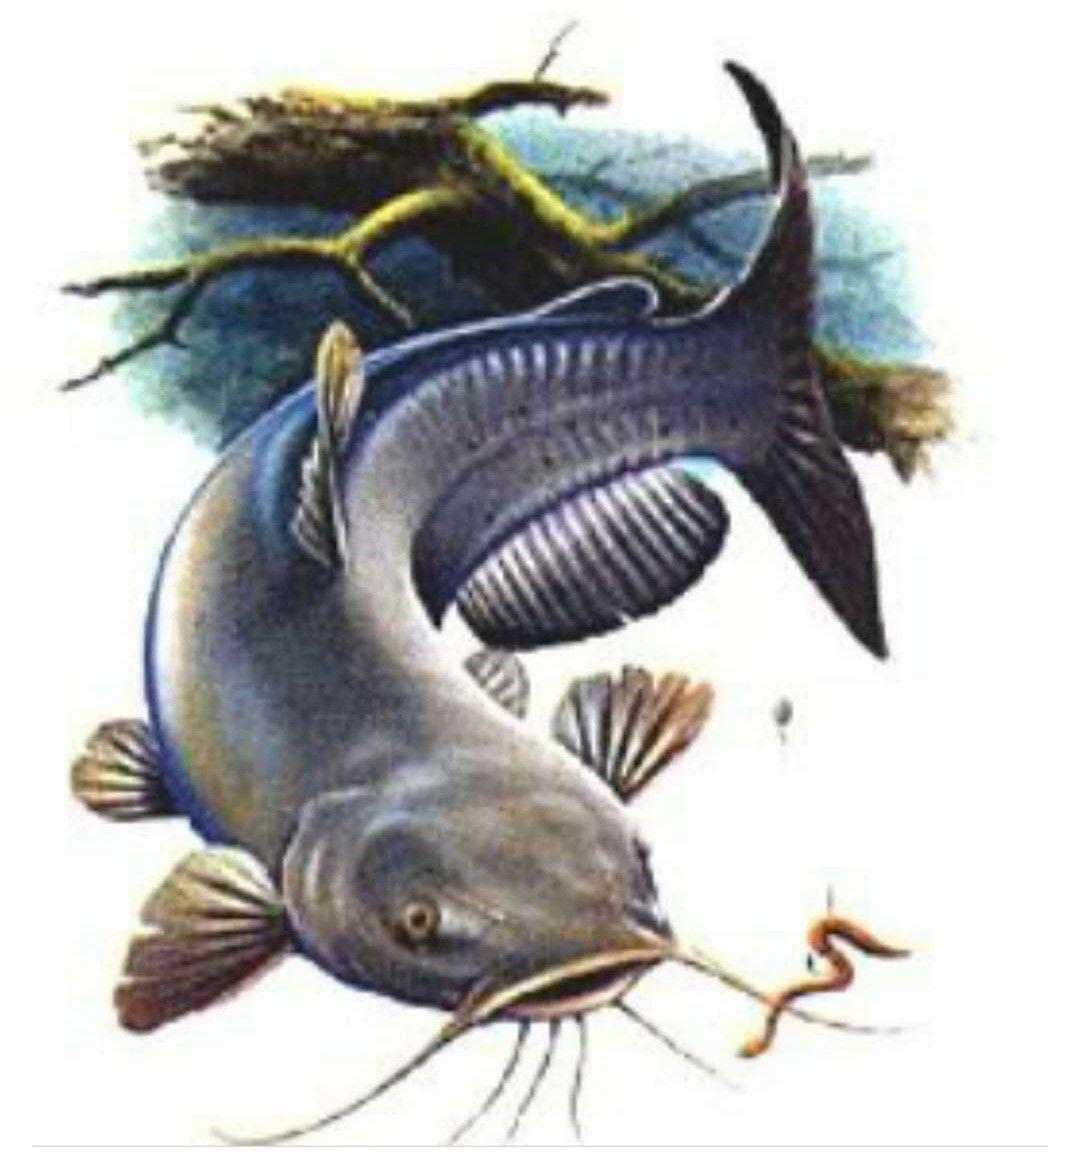 ridenourcatfishlogo